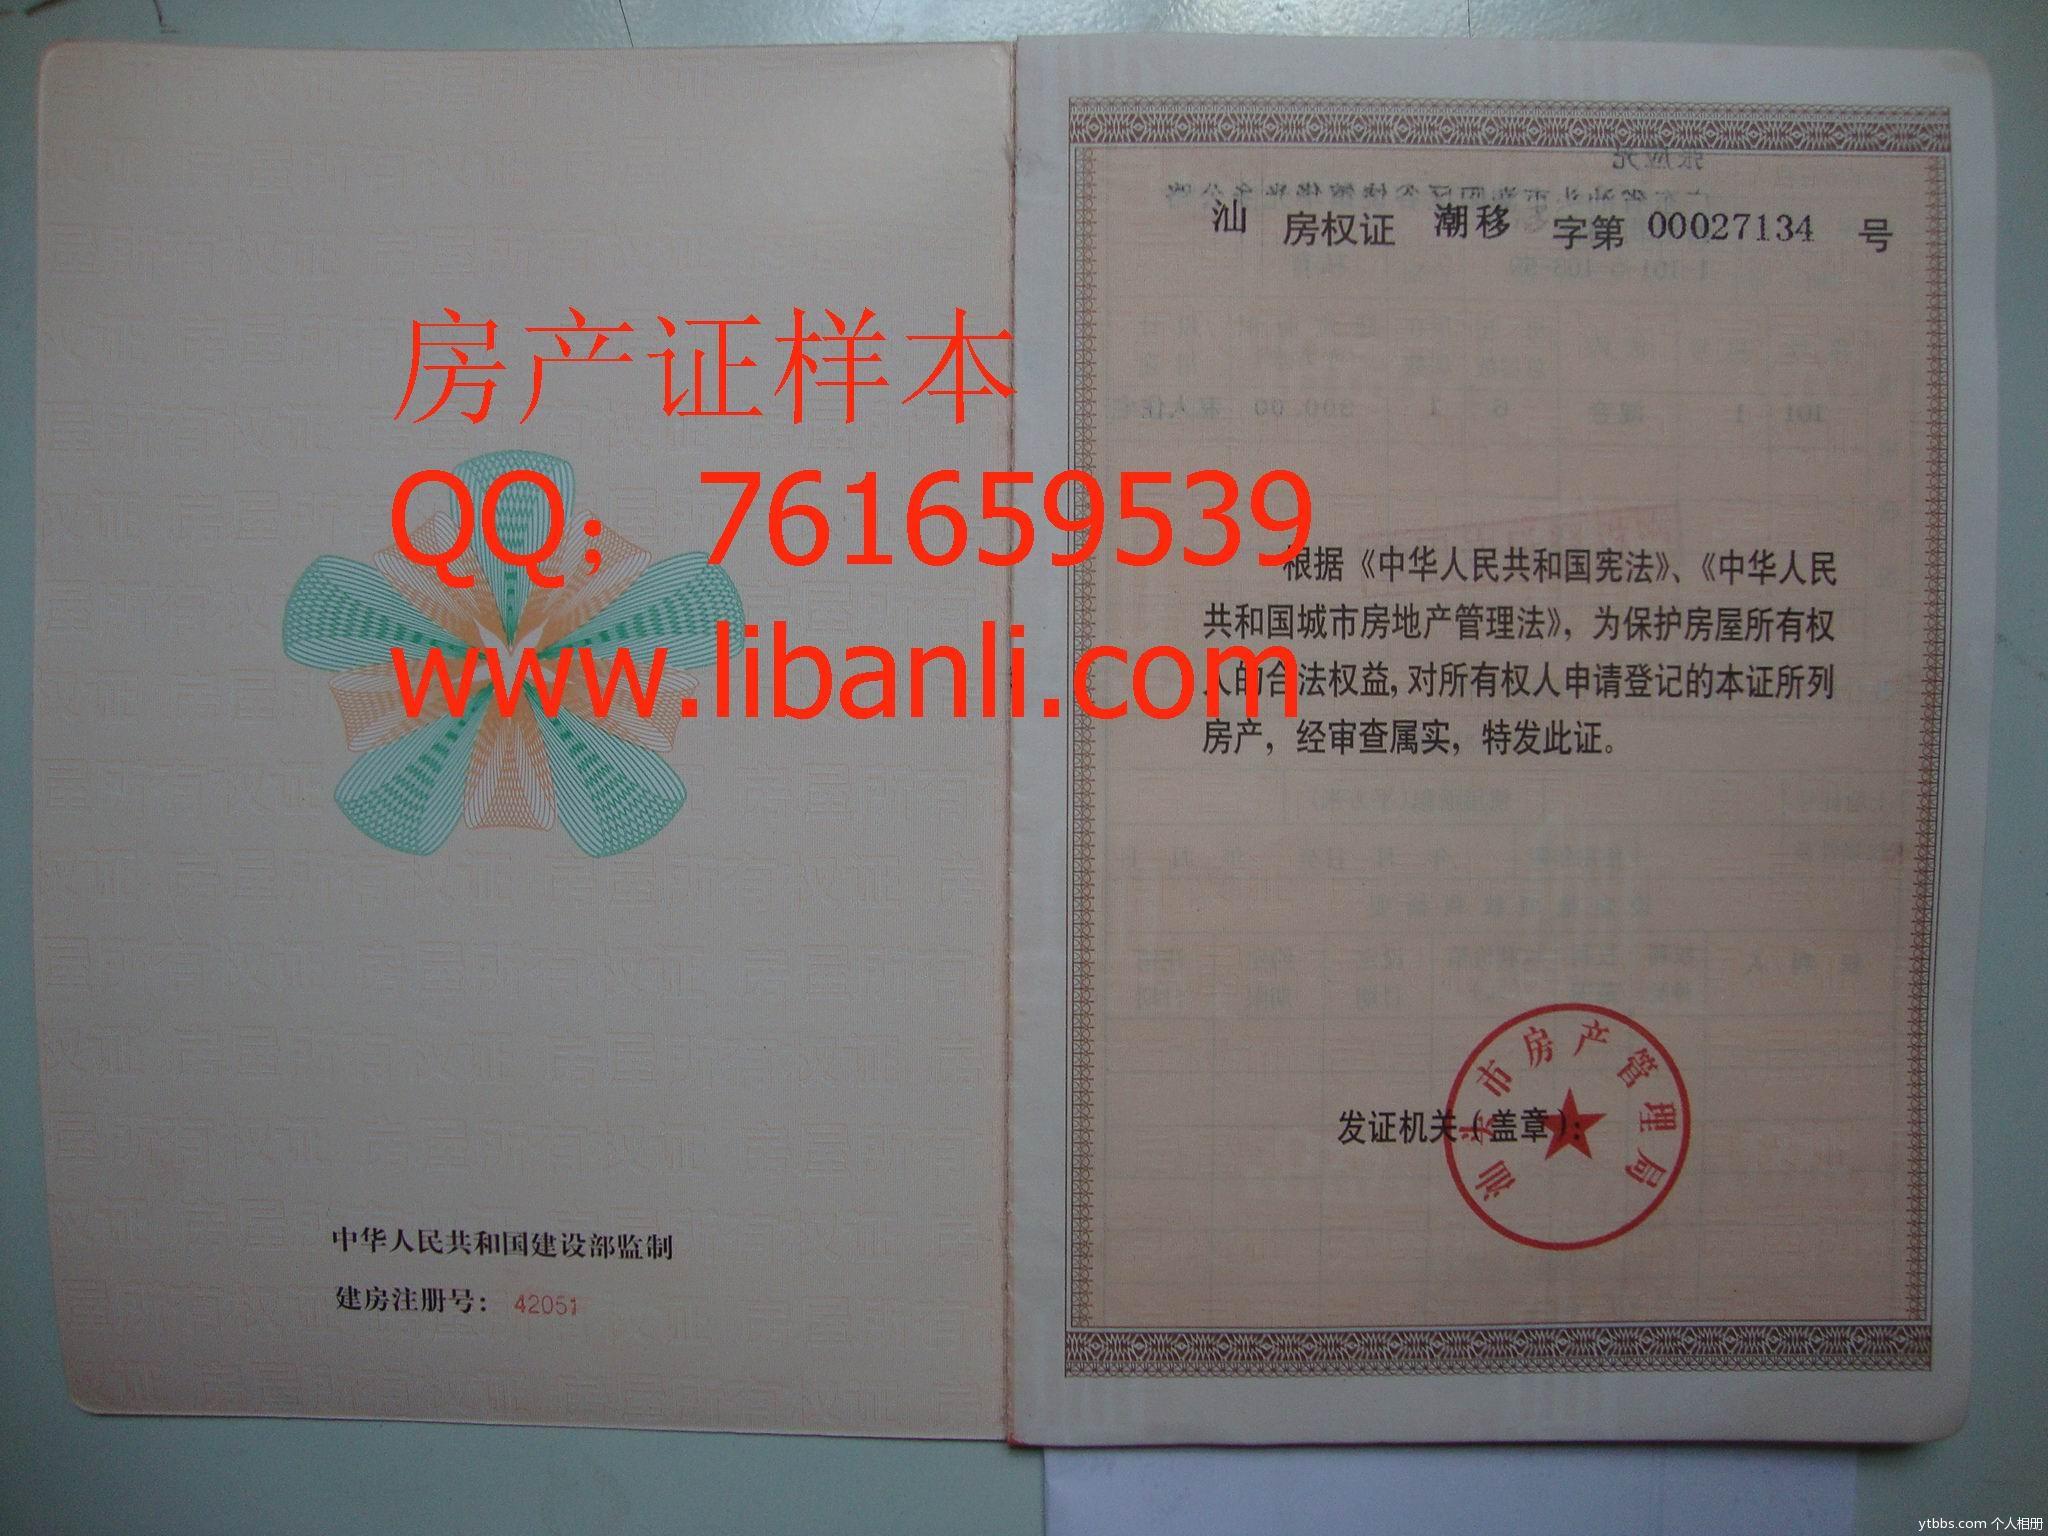 上海房产证样本,上海房产证样